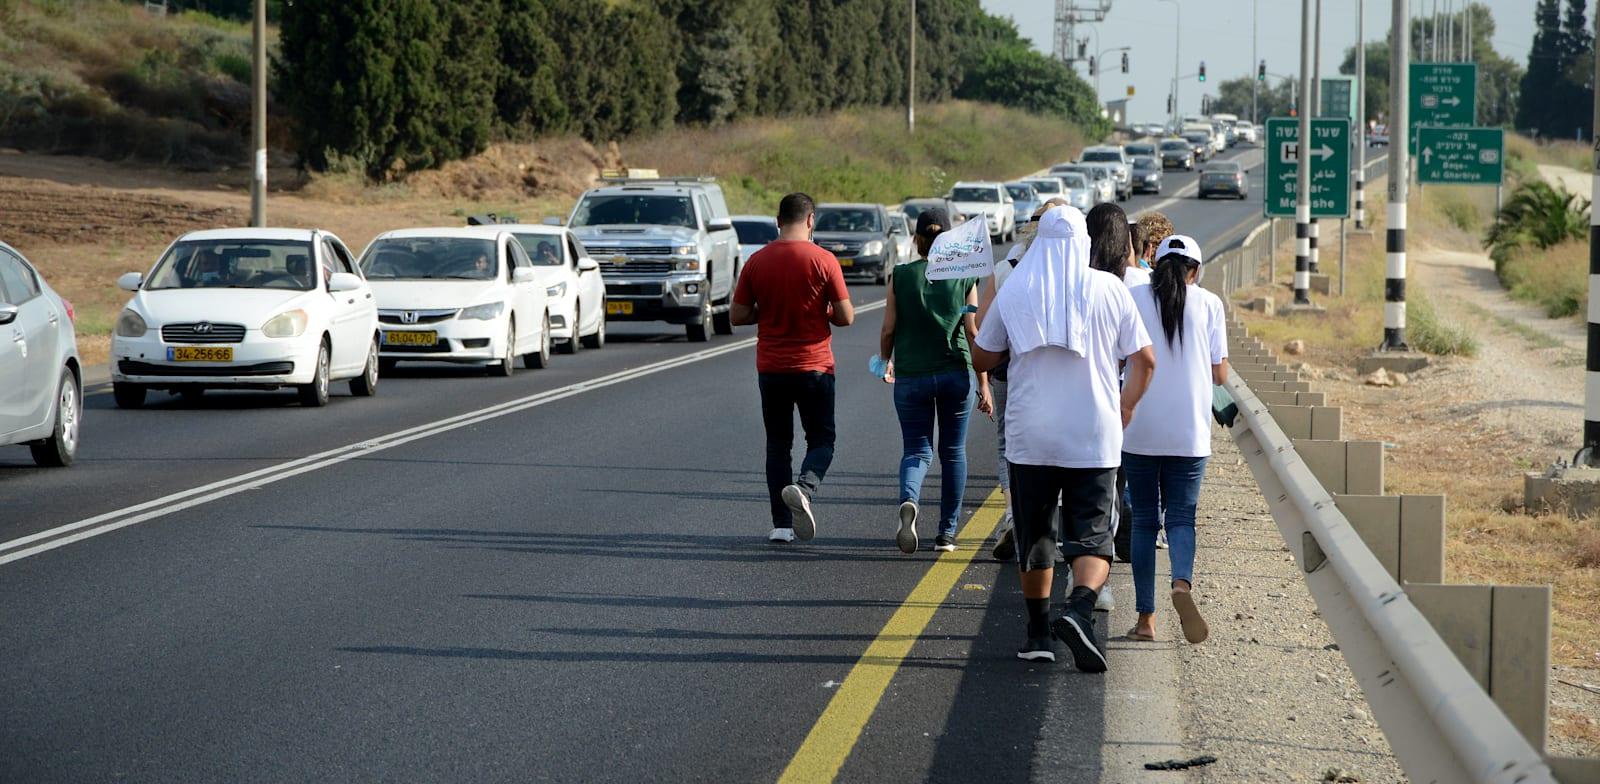 צעדה נגד האלימות ביישובים הערביים / צילום: איל יצהר